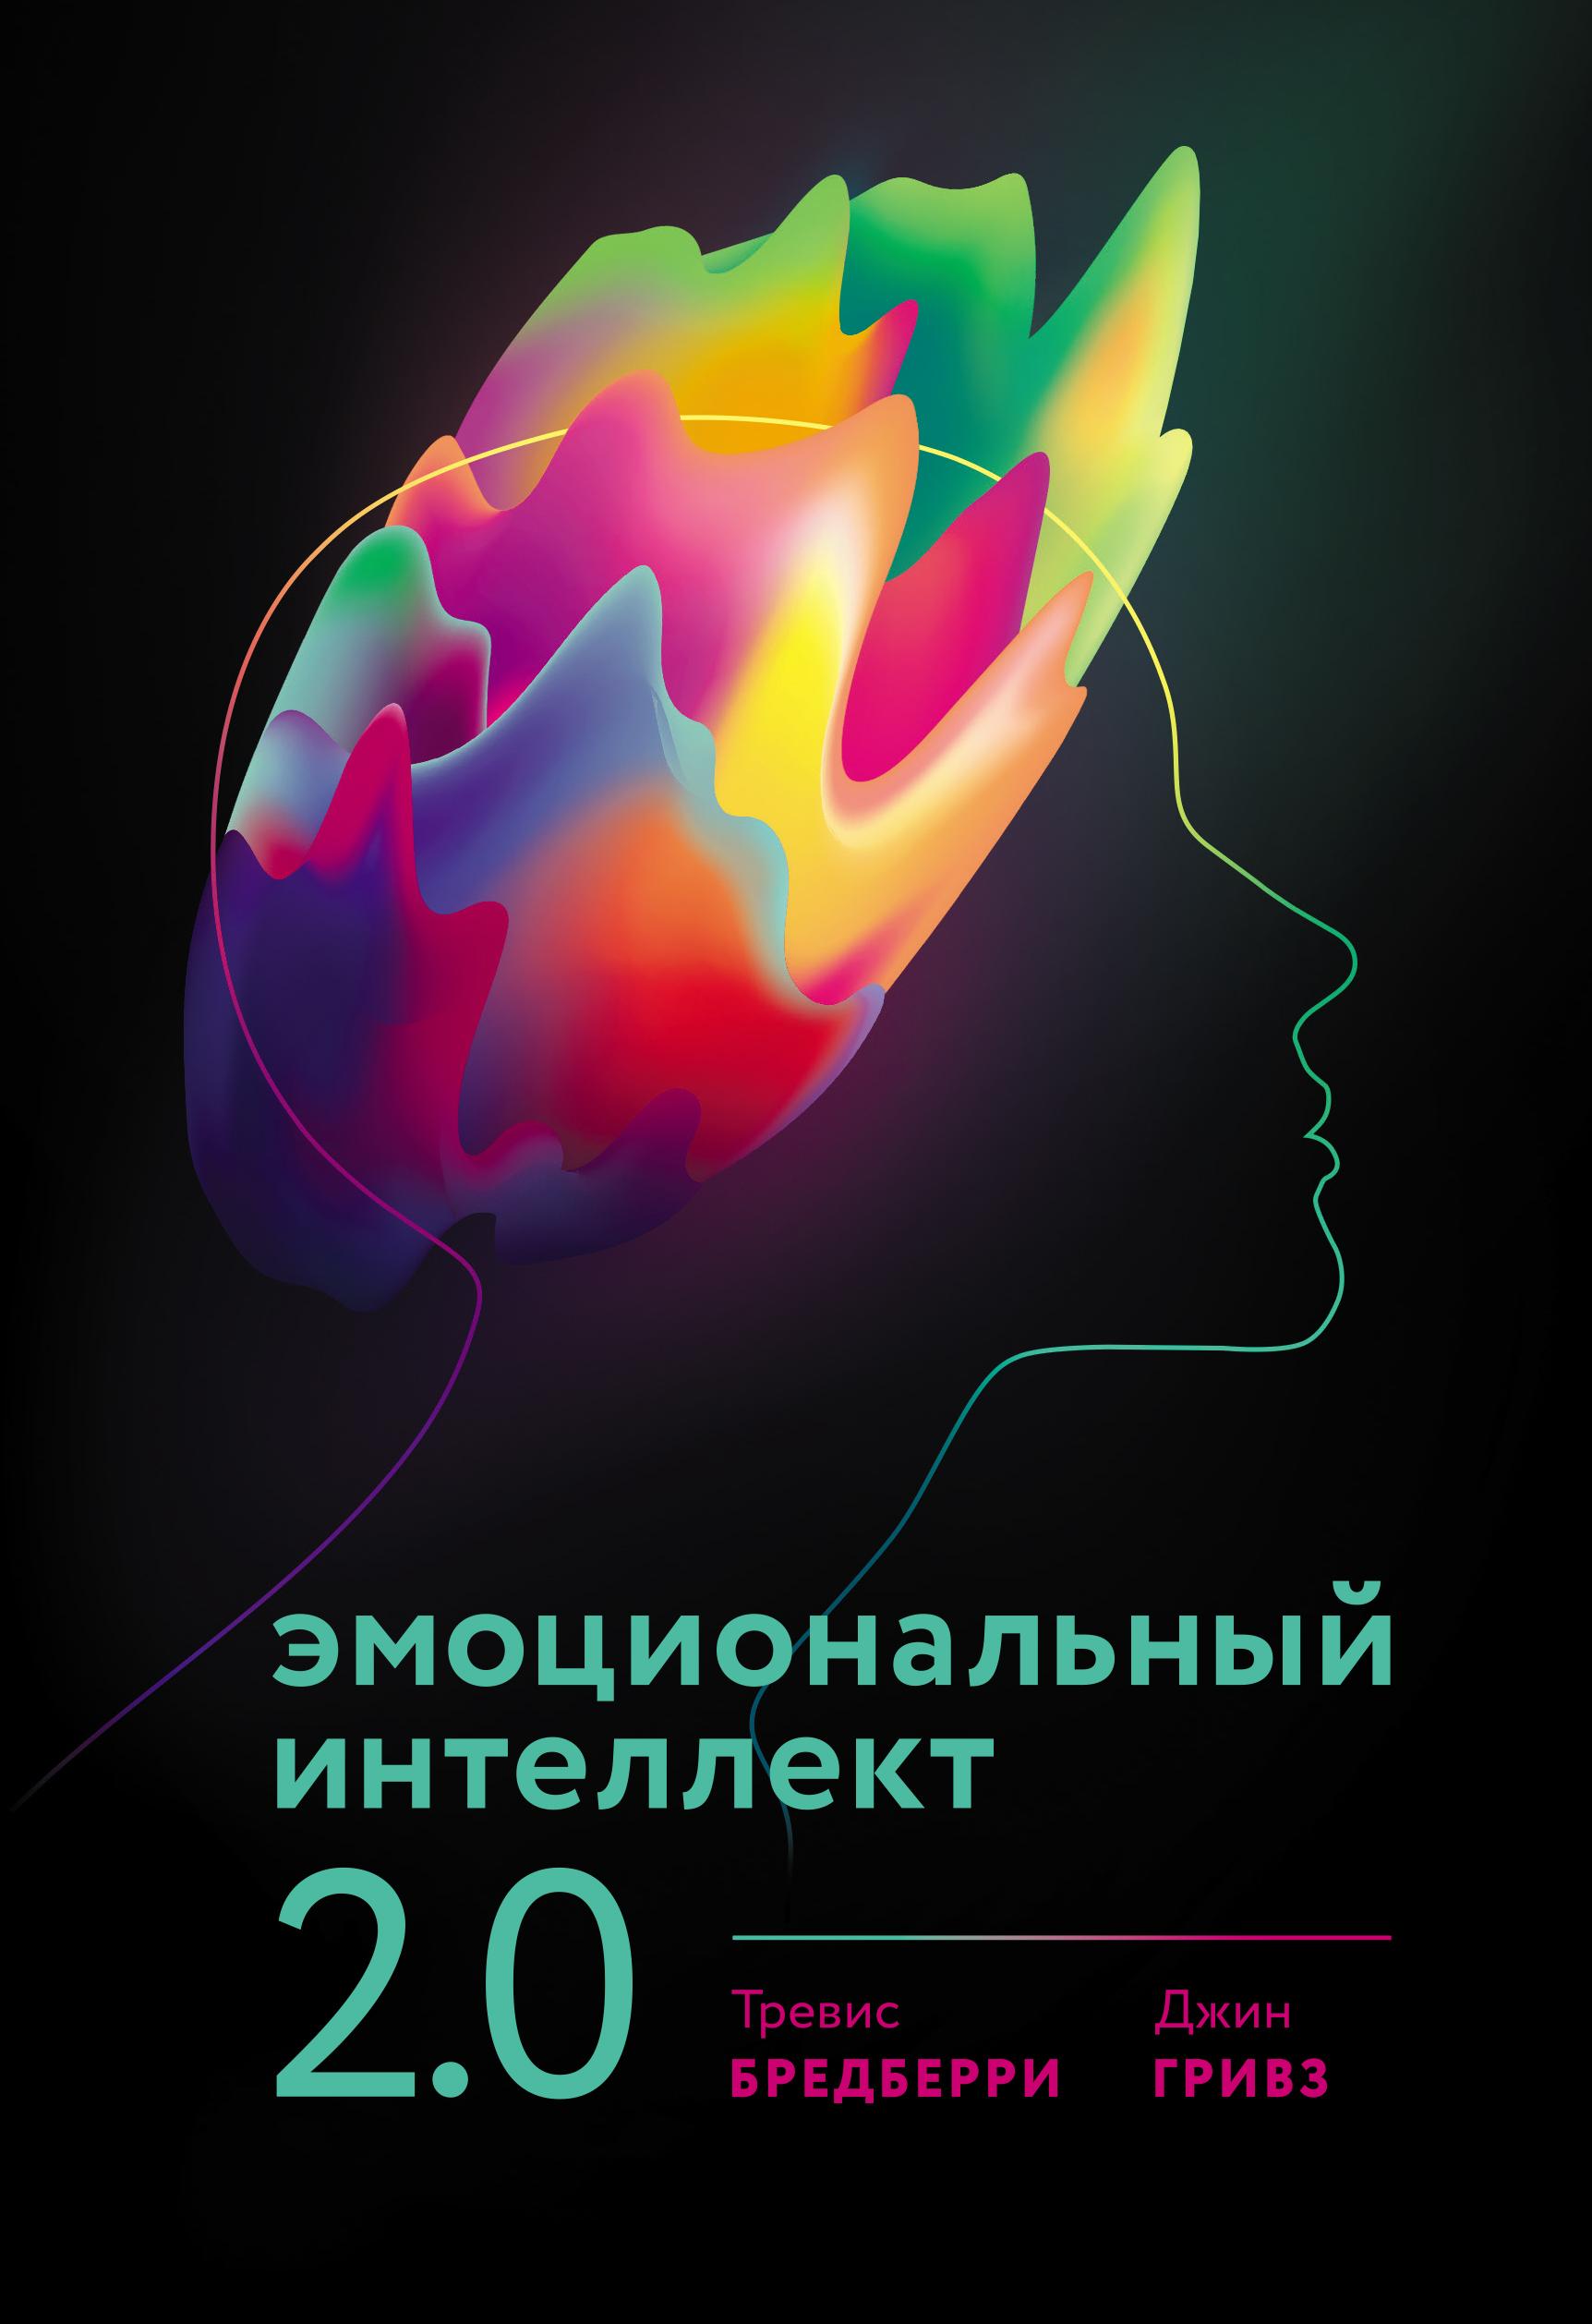 Эмоциональный интеллект 2.0 ( Бредберри Т., Гривз Дж.  )